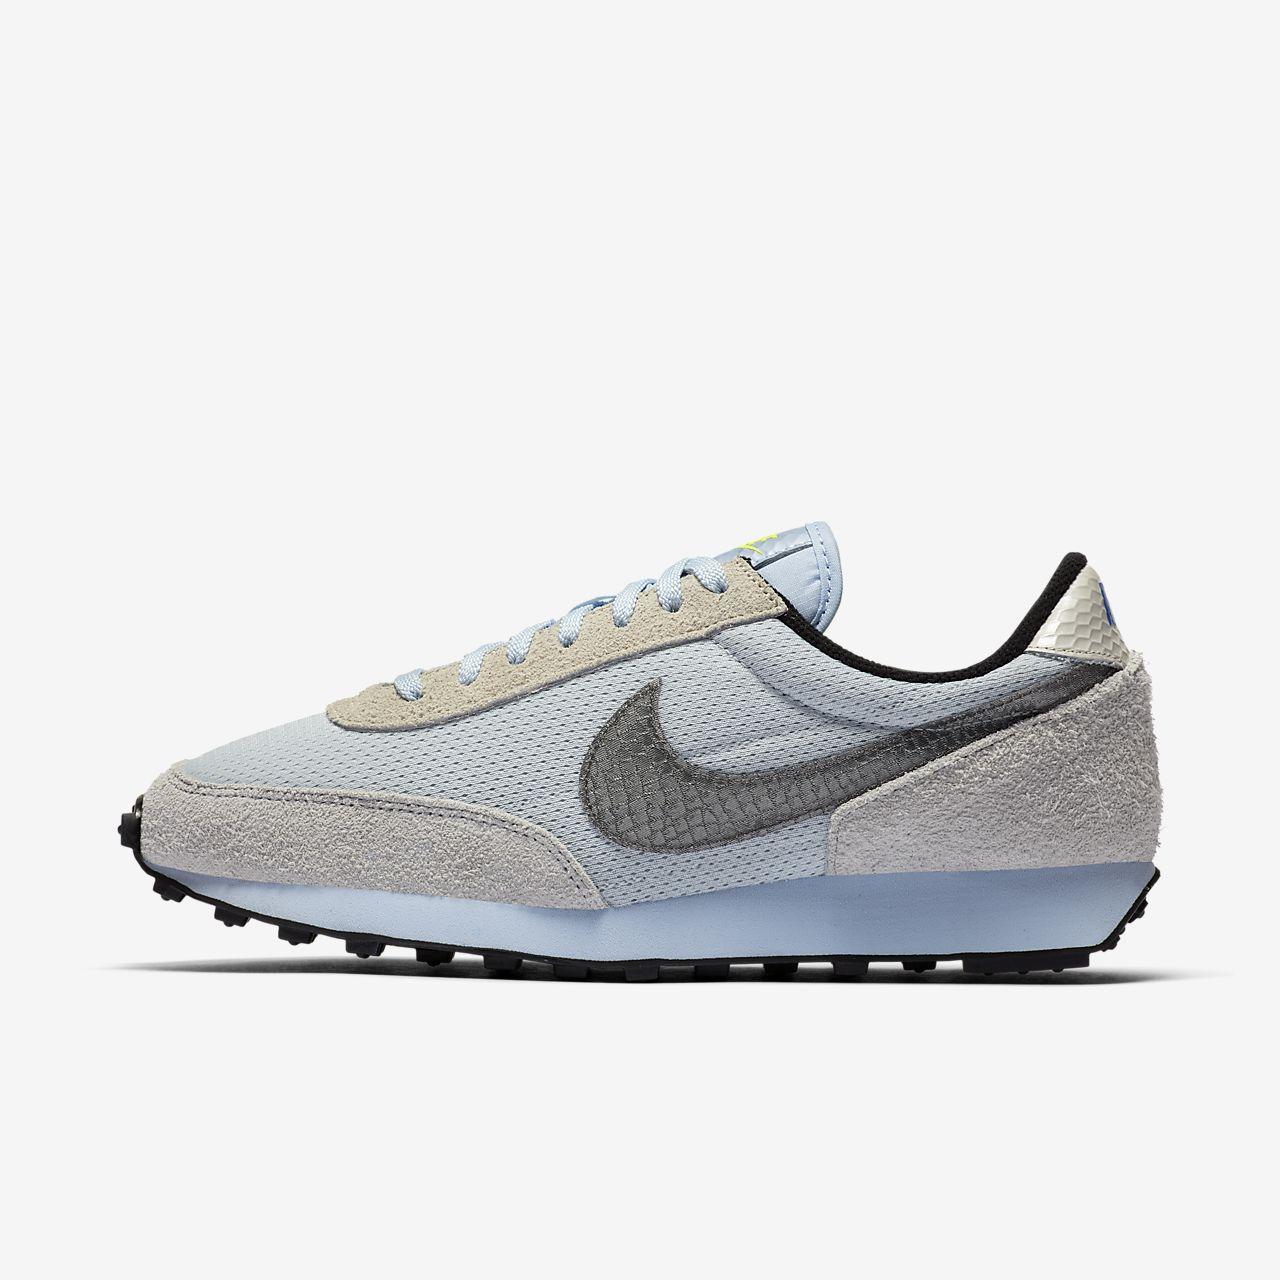 Sko Nike Daybreak för kvinnor